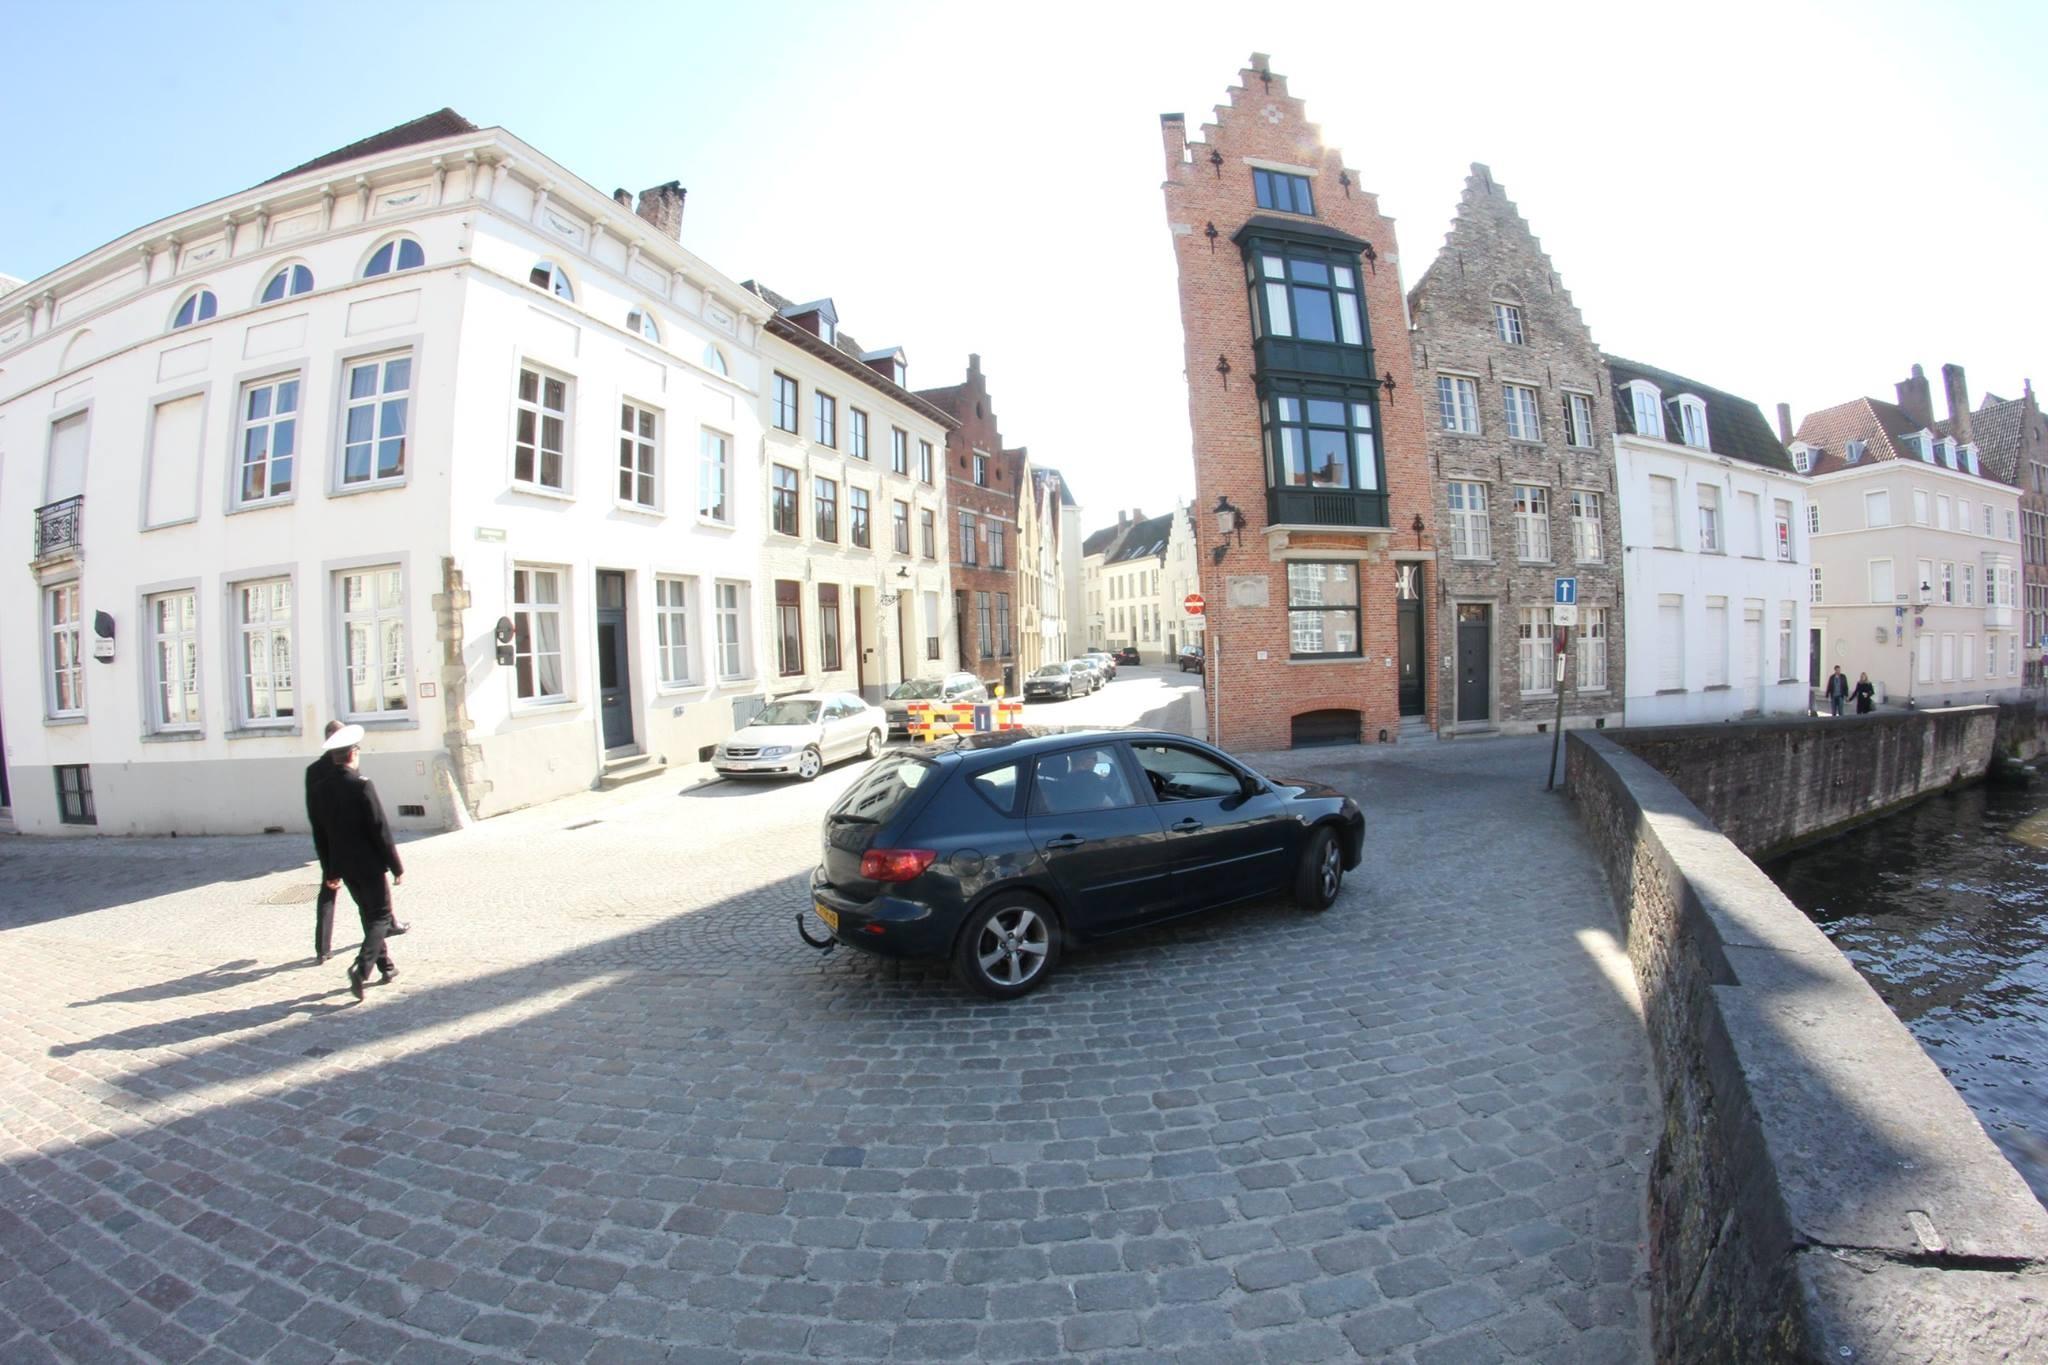 Mazda 3 & Brugge